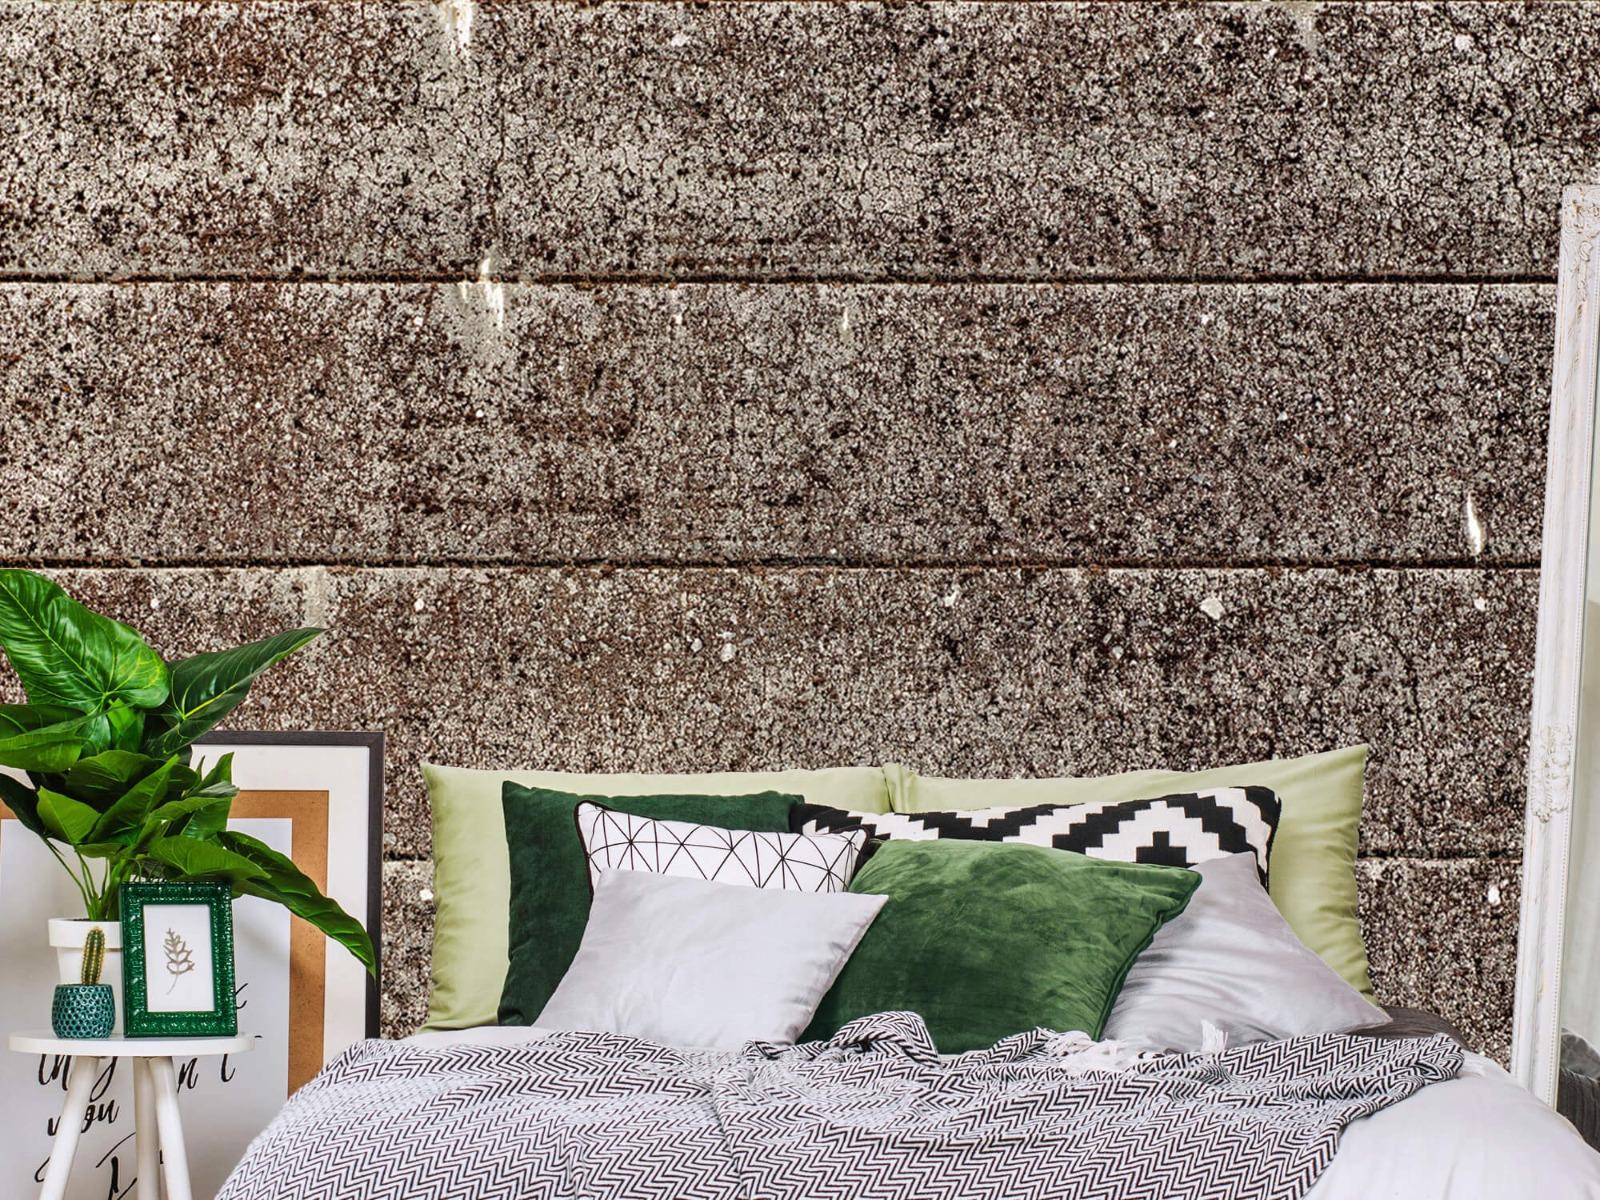 Steen behang - Oude betonnen damwand - Tienerkamer 13